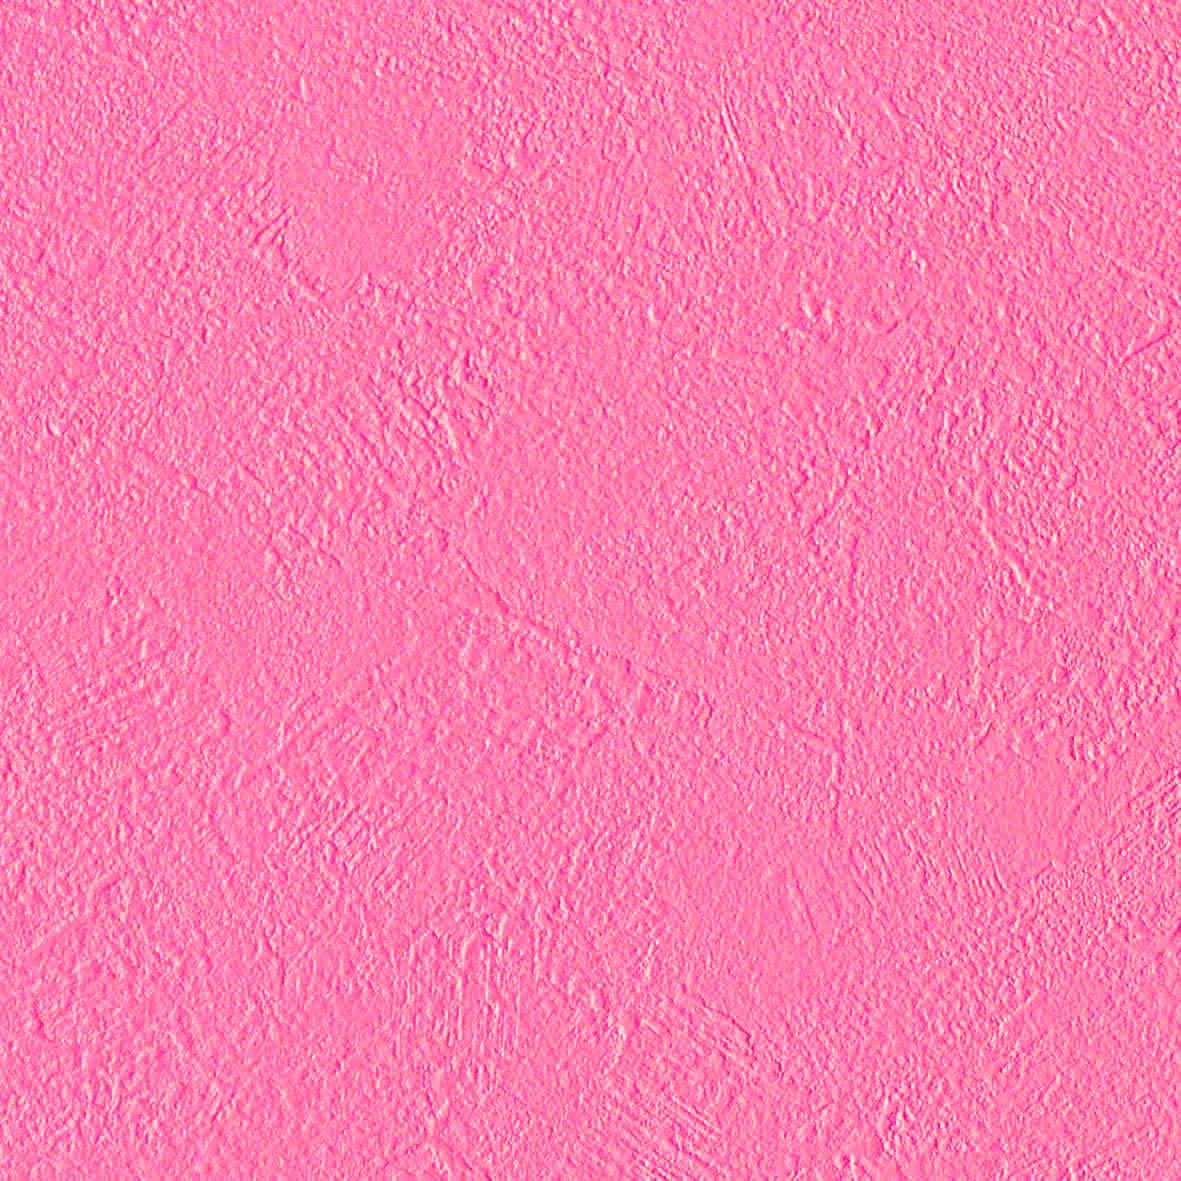 リリカラ 壁紙47m シンフル 石目調 ピンク LL-8237 B01N3SQWKE 47m|ピンク1